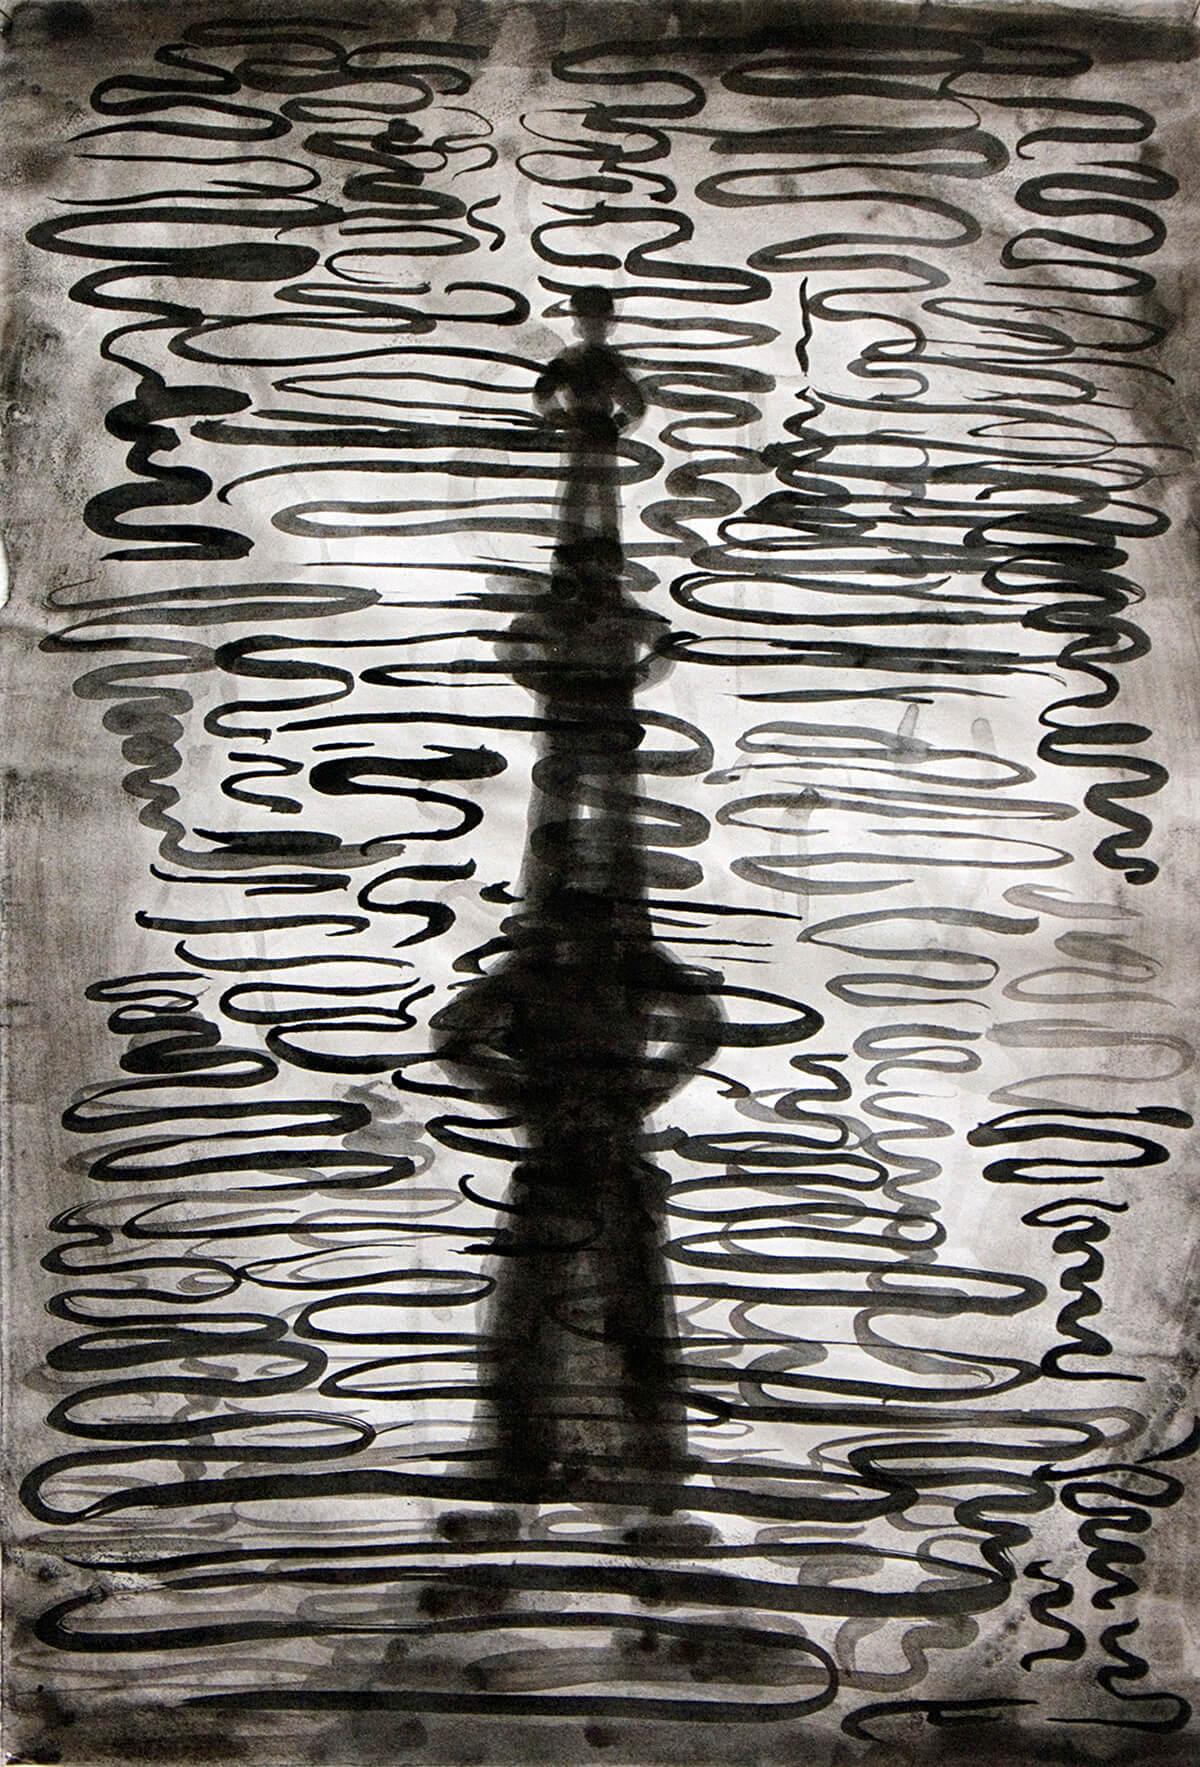 untitled (castellet), 40 x 28 cm, ink on paper, 2011